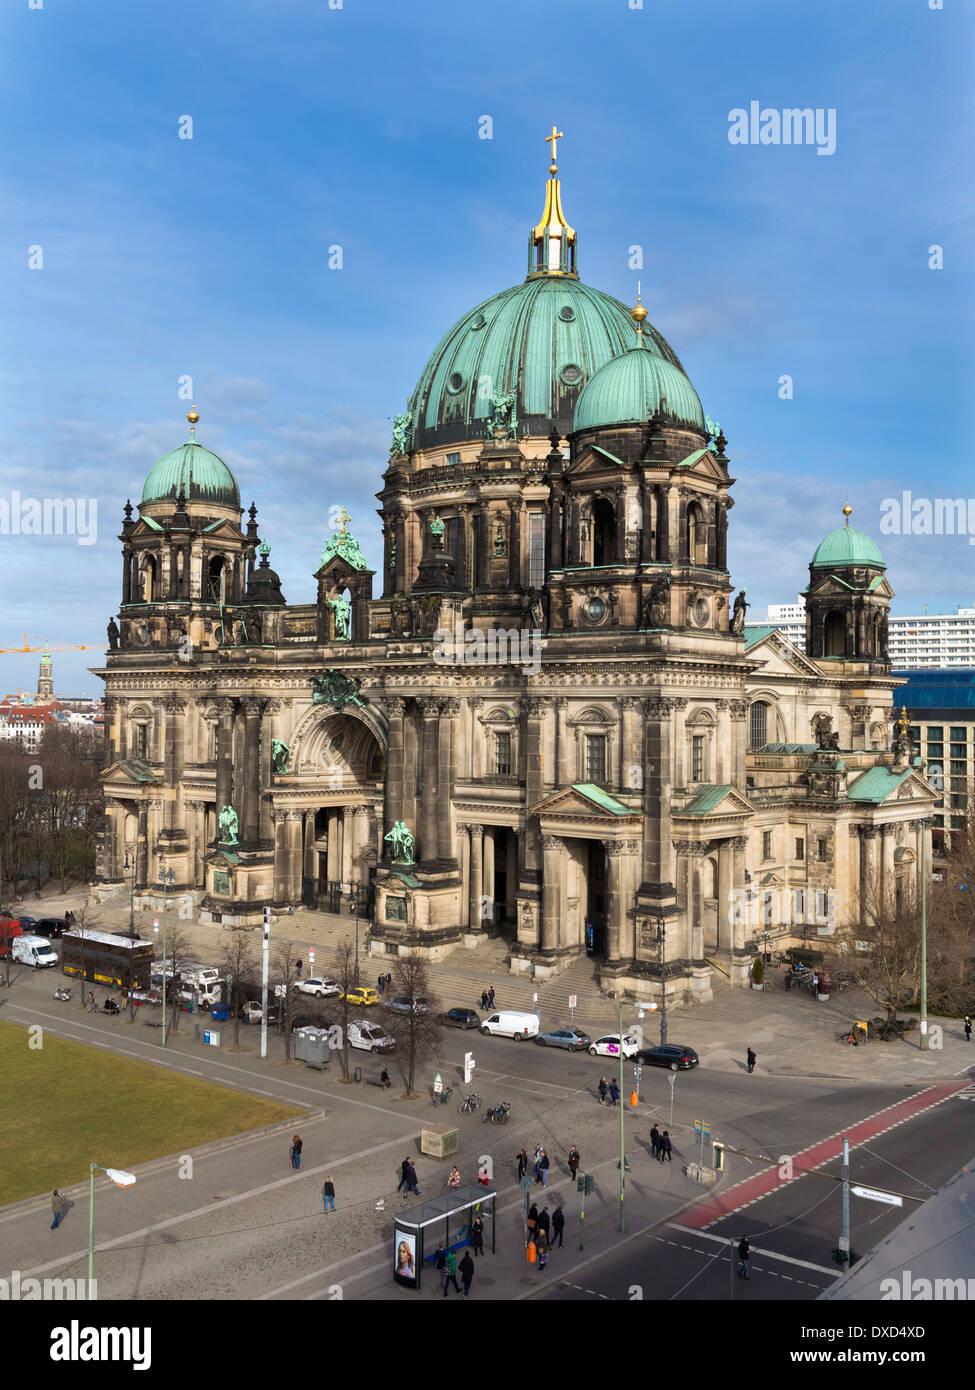 La ornamentada vieja Berliner Dom la Catedral en el centro de la ciudad de Berlín, Alemania Imagen De Stock